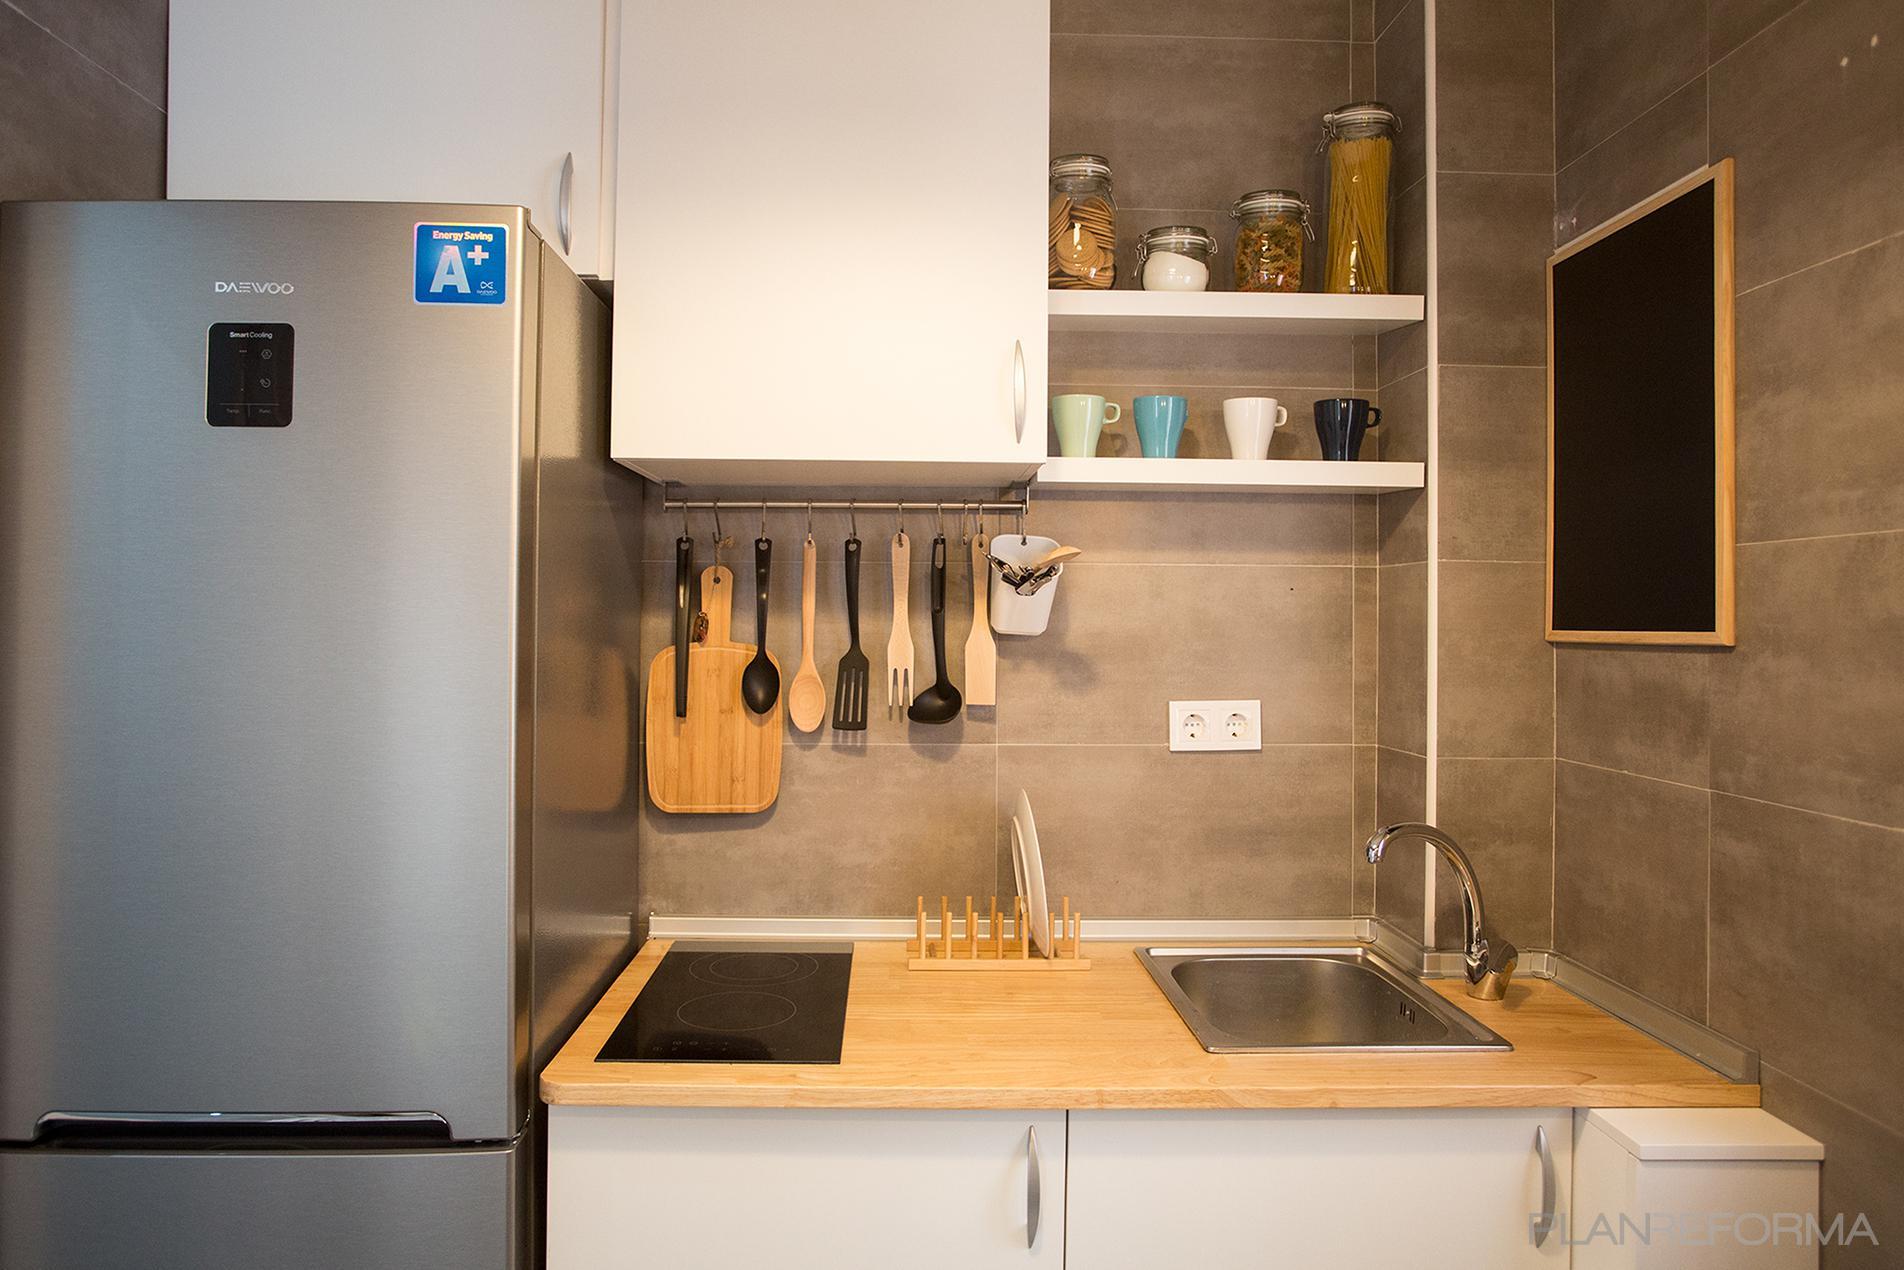 Cocina Estilo moderno Color marron, beige, plateado  diseñado por p9arquitectura.XYZ | Arquitecto | Copyright estudio meyne